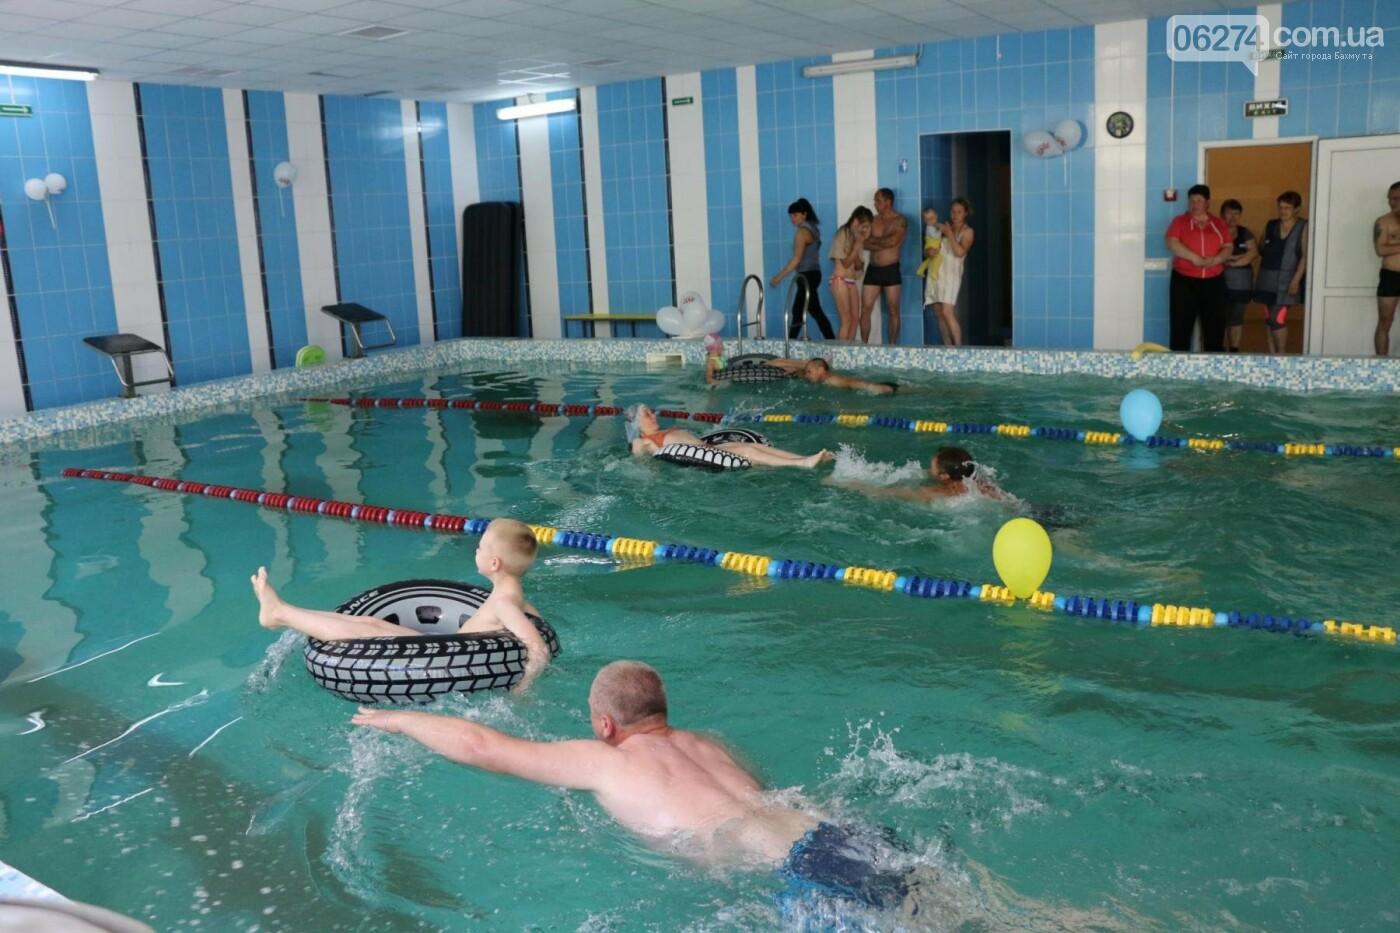 В Бахмуте ко Дню матери и Дню семьи провели семейный заплыв, фото-22